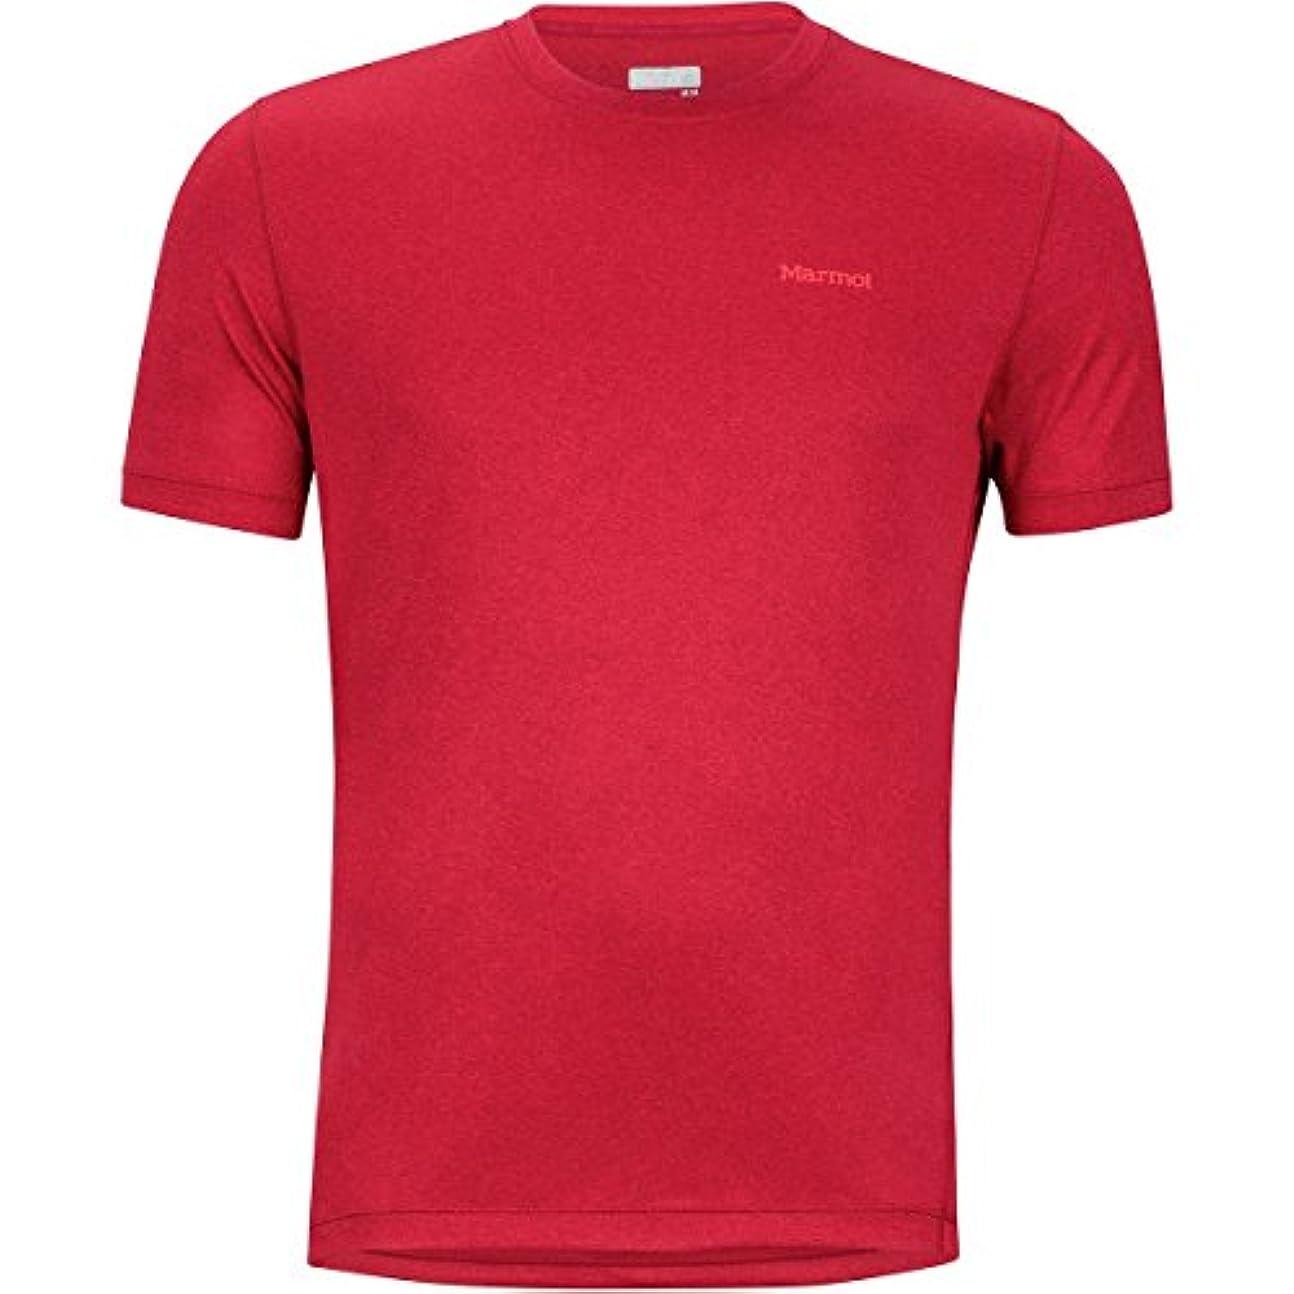 差し控える衝突コース違法マーモット Marmot メンズ トップス シャツ Conveyor T-Shirt [並行輸入品]